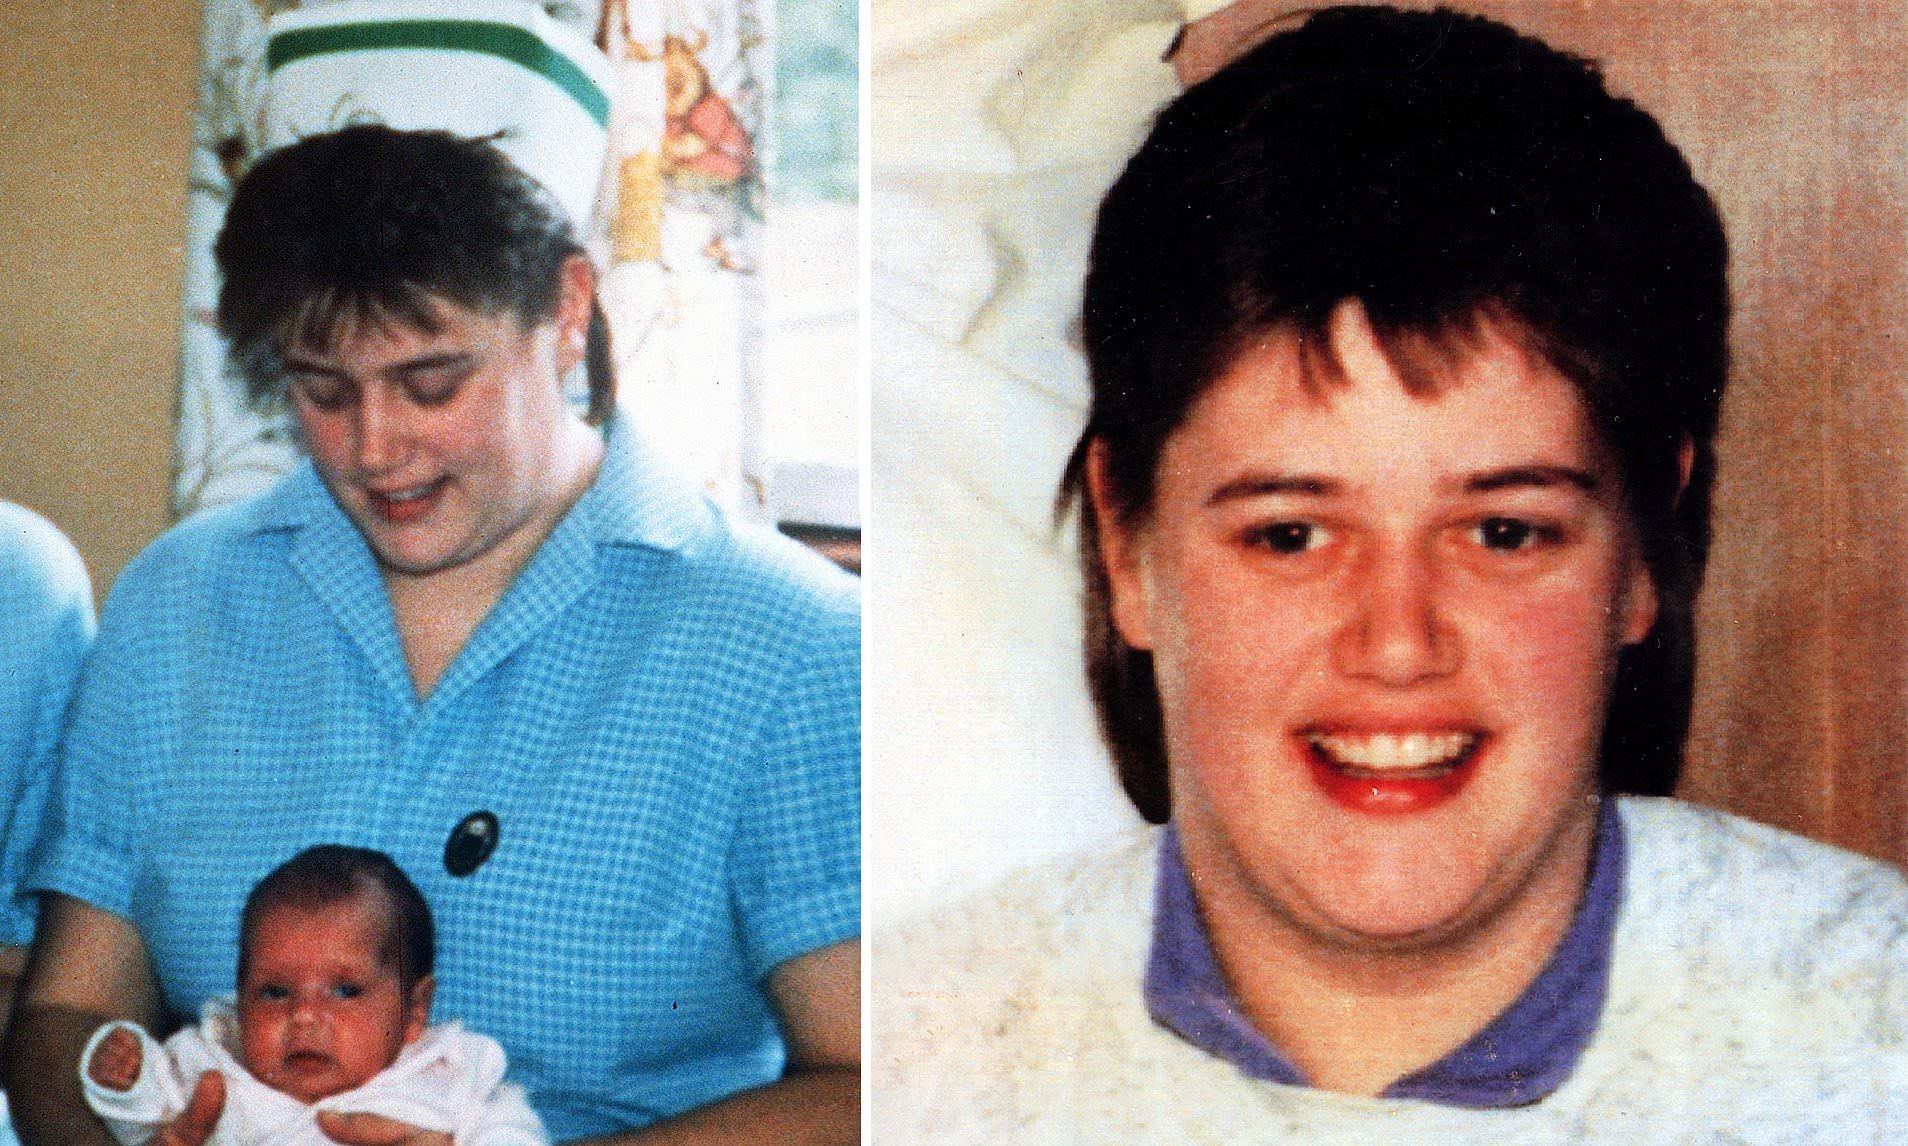 Beverly Allitt enfermera asesina